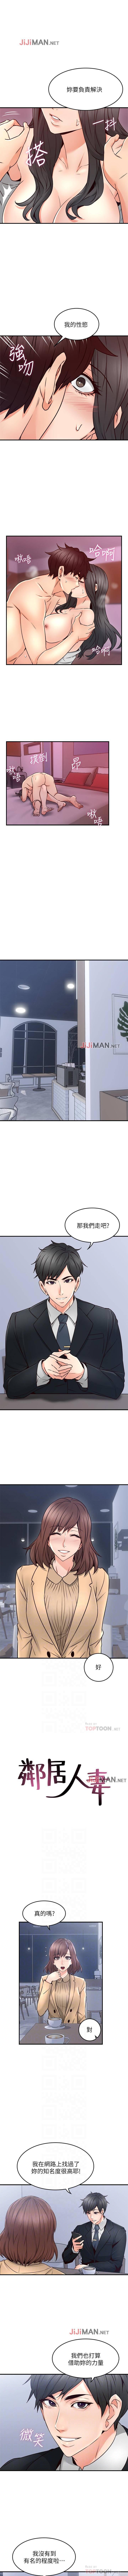 【周六更新】邻居人妻(作者:李周元 & 頸枕) 第1~50话 155